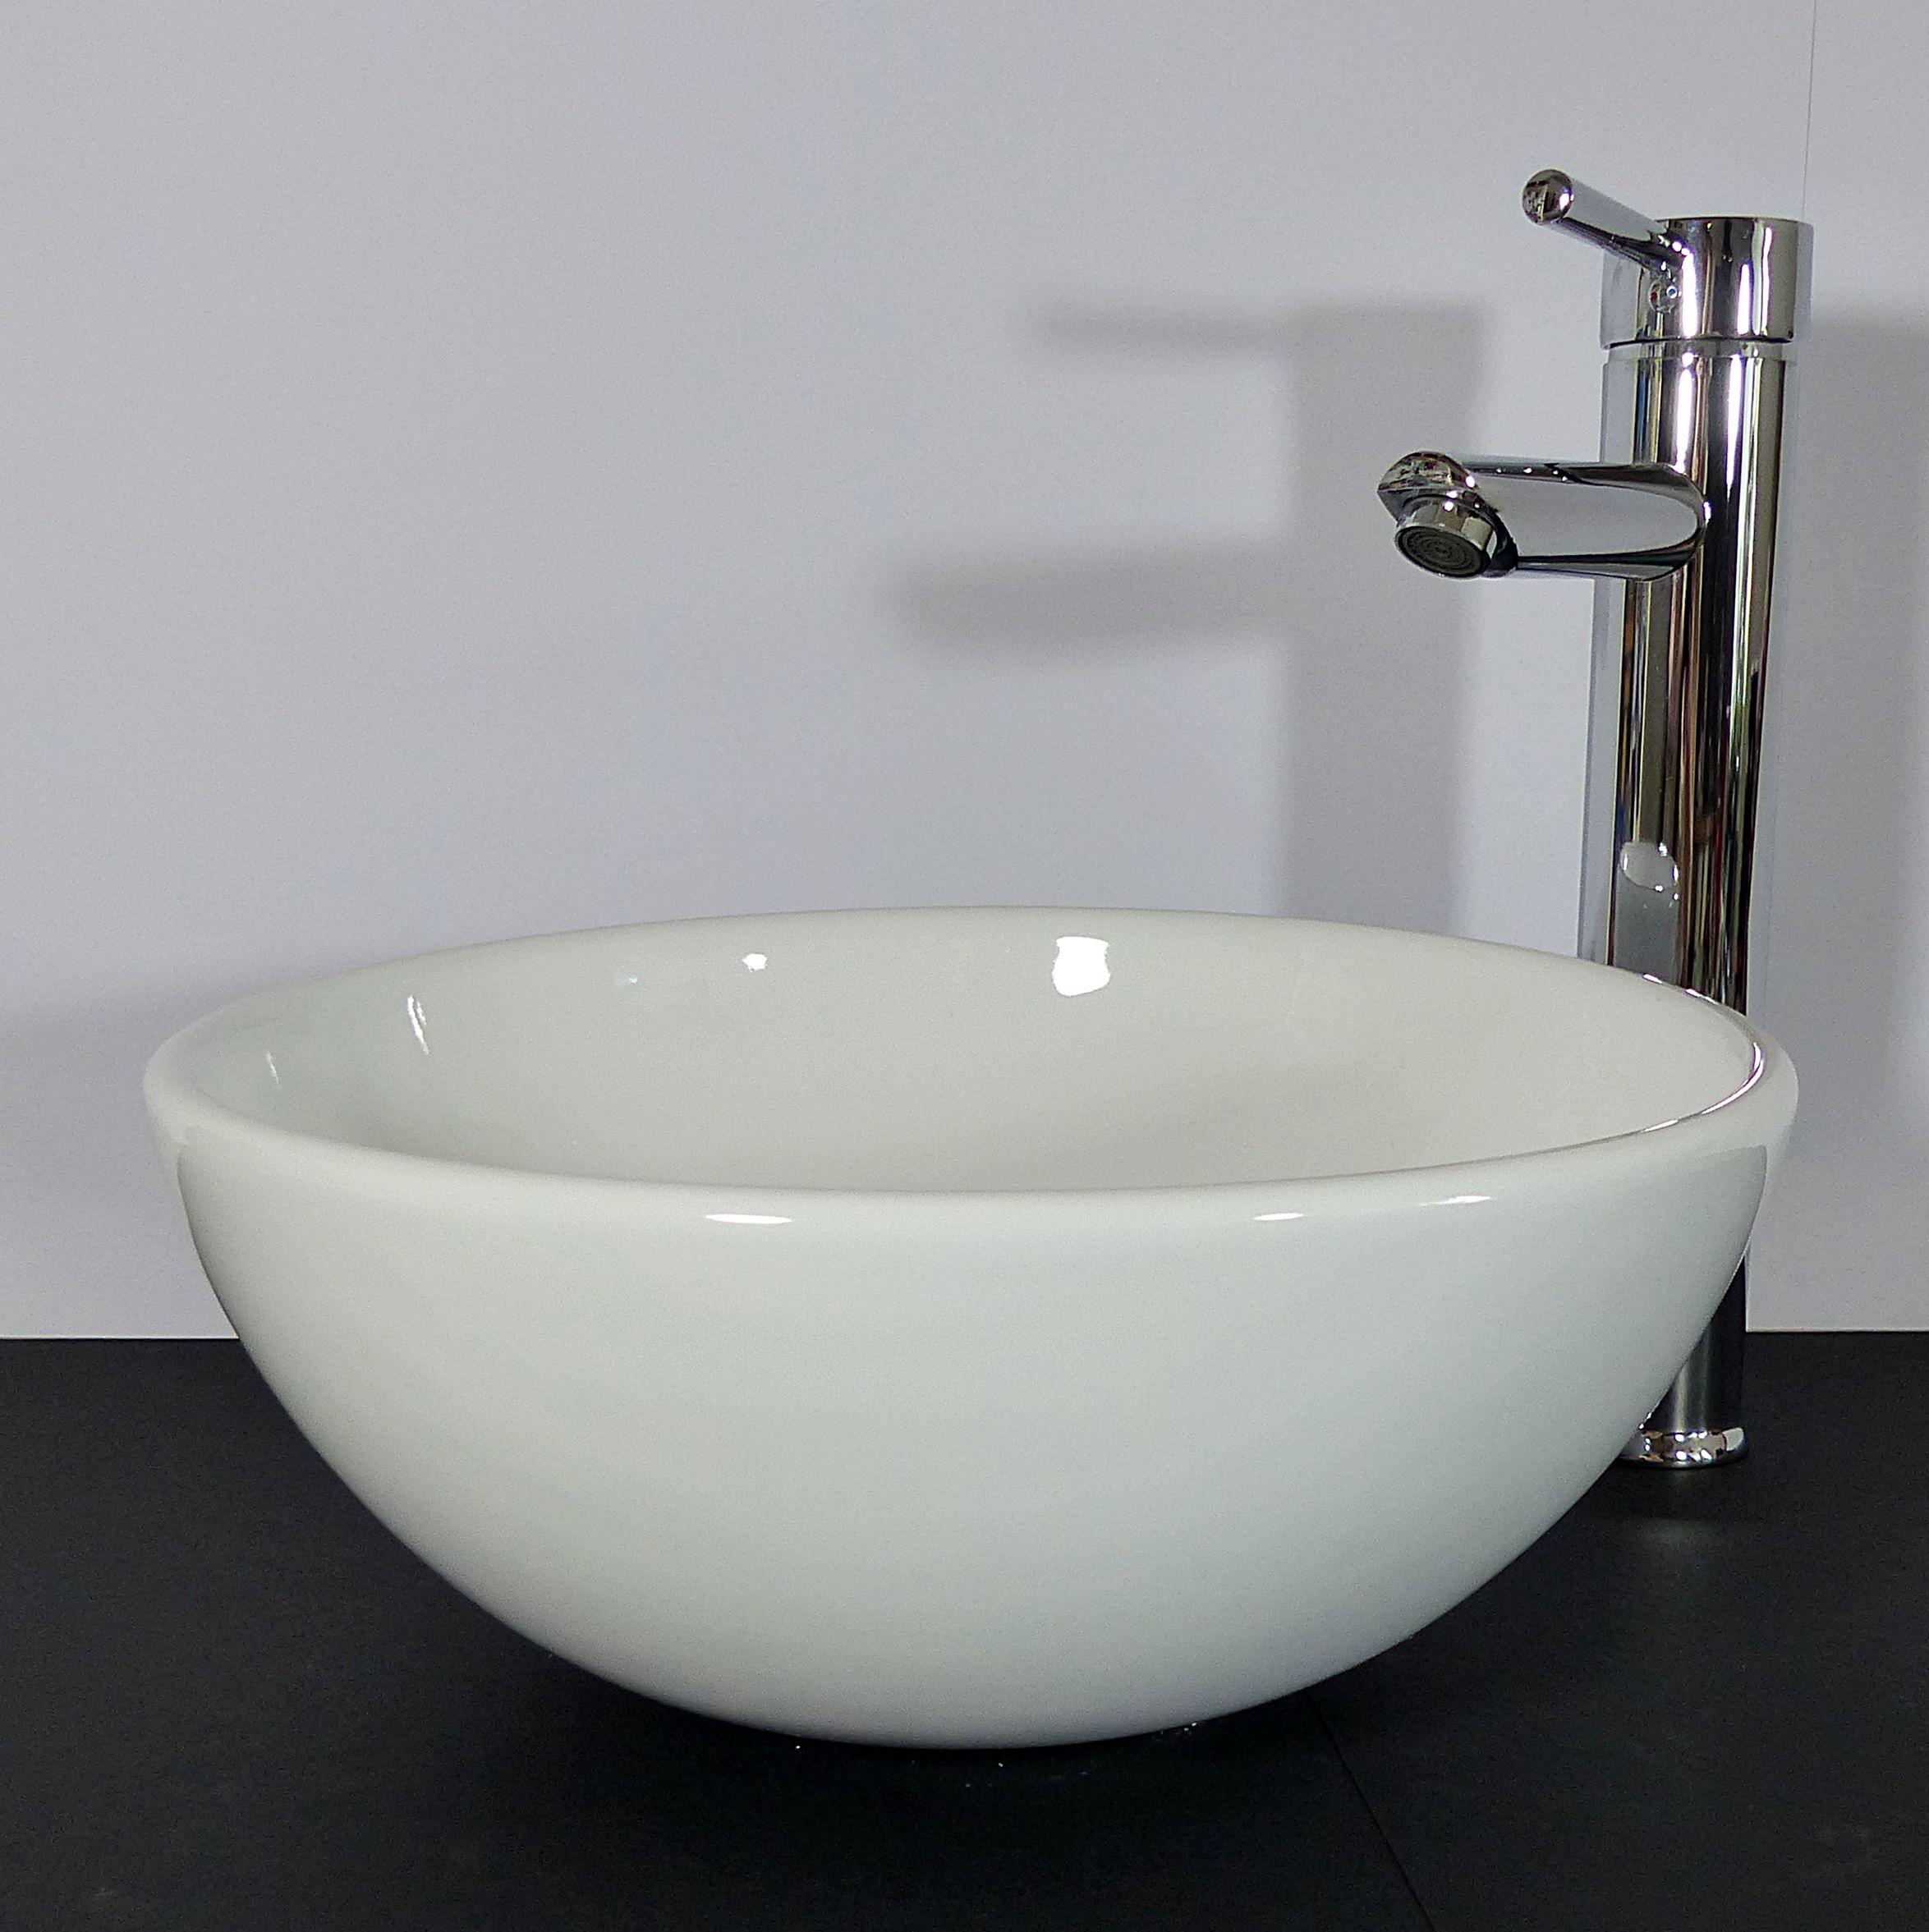 nero badshop keramik aufsatz waschbecken rund 32cm online kaufen. Black Bedroom Furniture Sets. Home Design Ideas